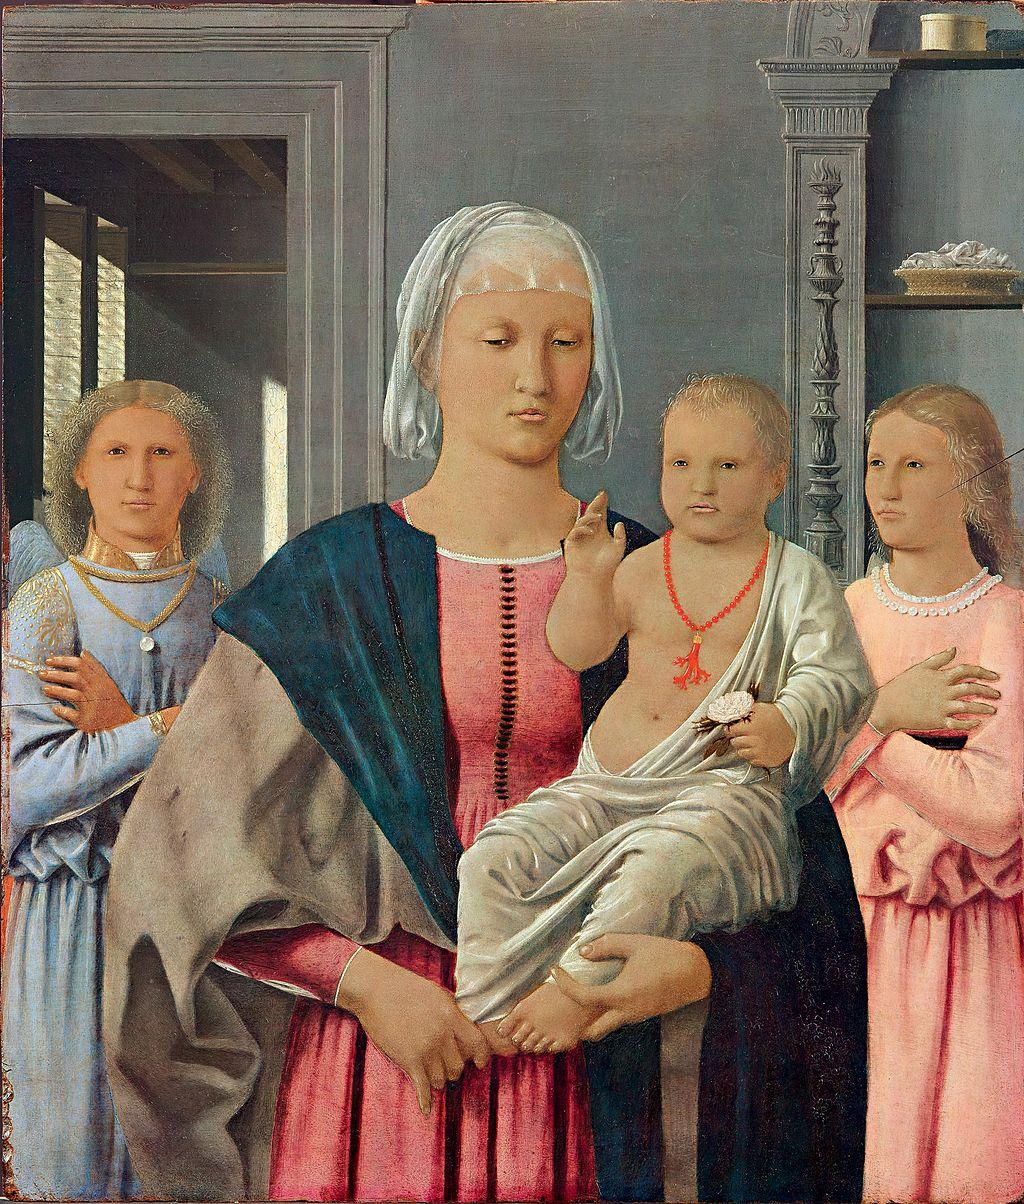 Piero della Francesca, Madonna di Senigallia, oil on panel, 67 cm × 53.5 cm (26 in × 21.1 in), Galleria Nazionale delle Marche, Urbino